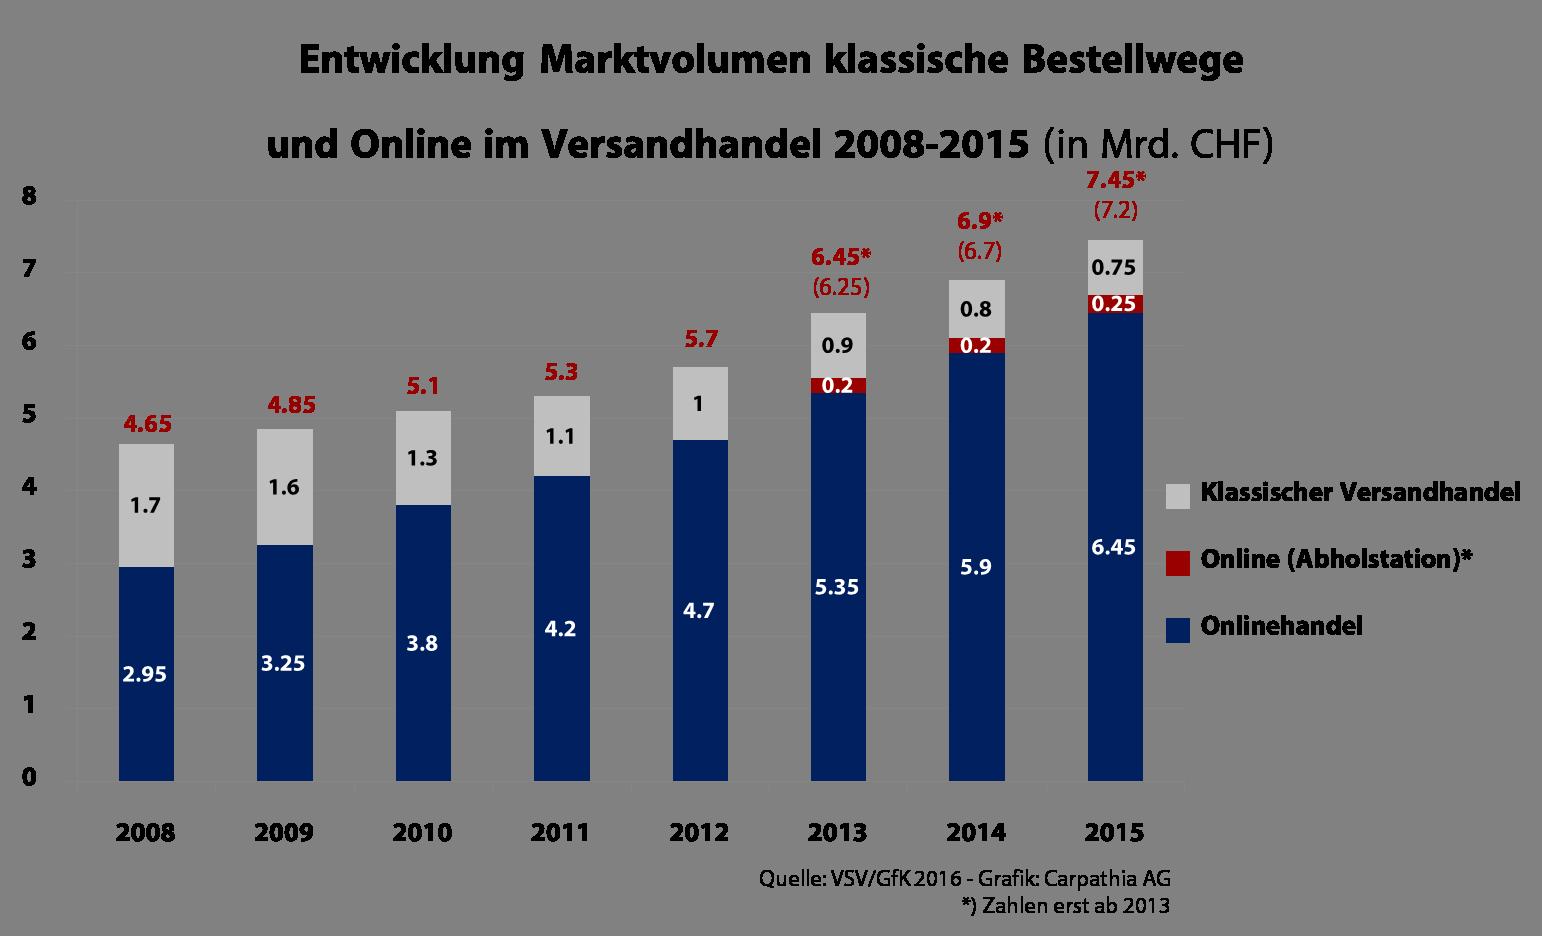 d74657b4779c4a Entwicklung Marktvolumen klassische Bestellwege und Online im Versandhandel  2008-2015 (in Mrd. CHF